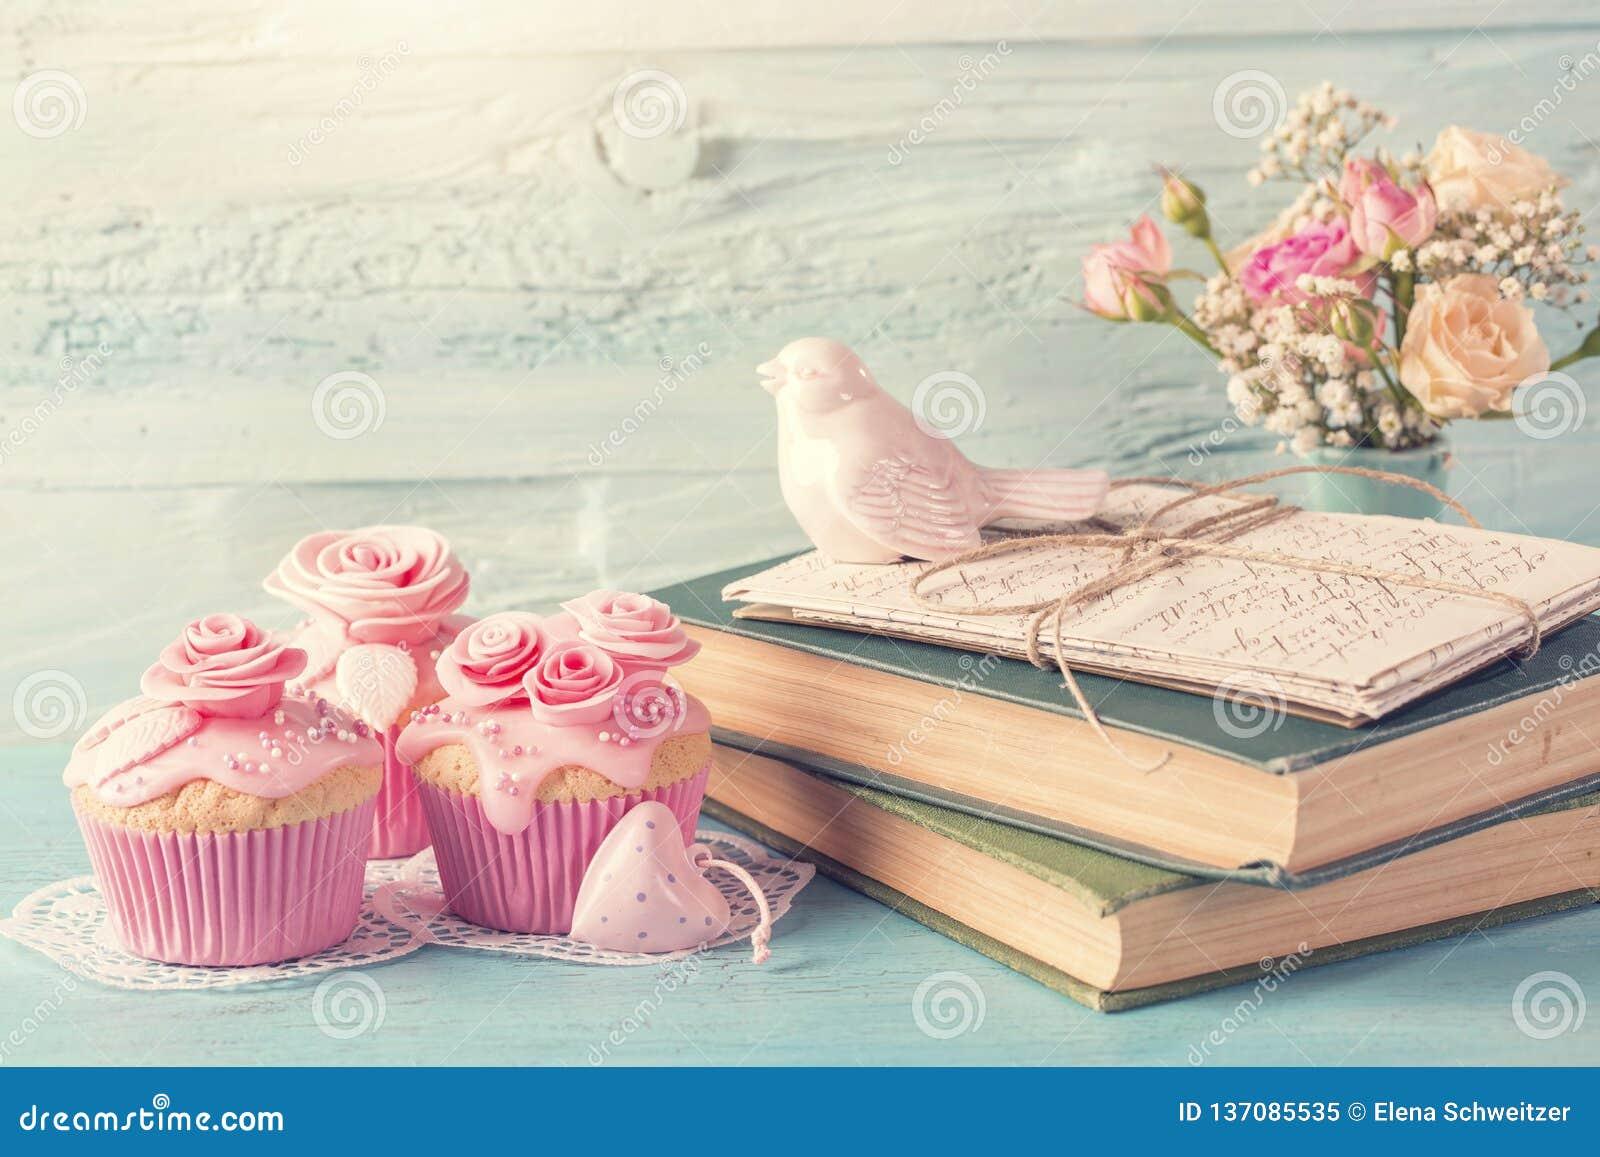 Petits gâteaux avec les fleurs roses